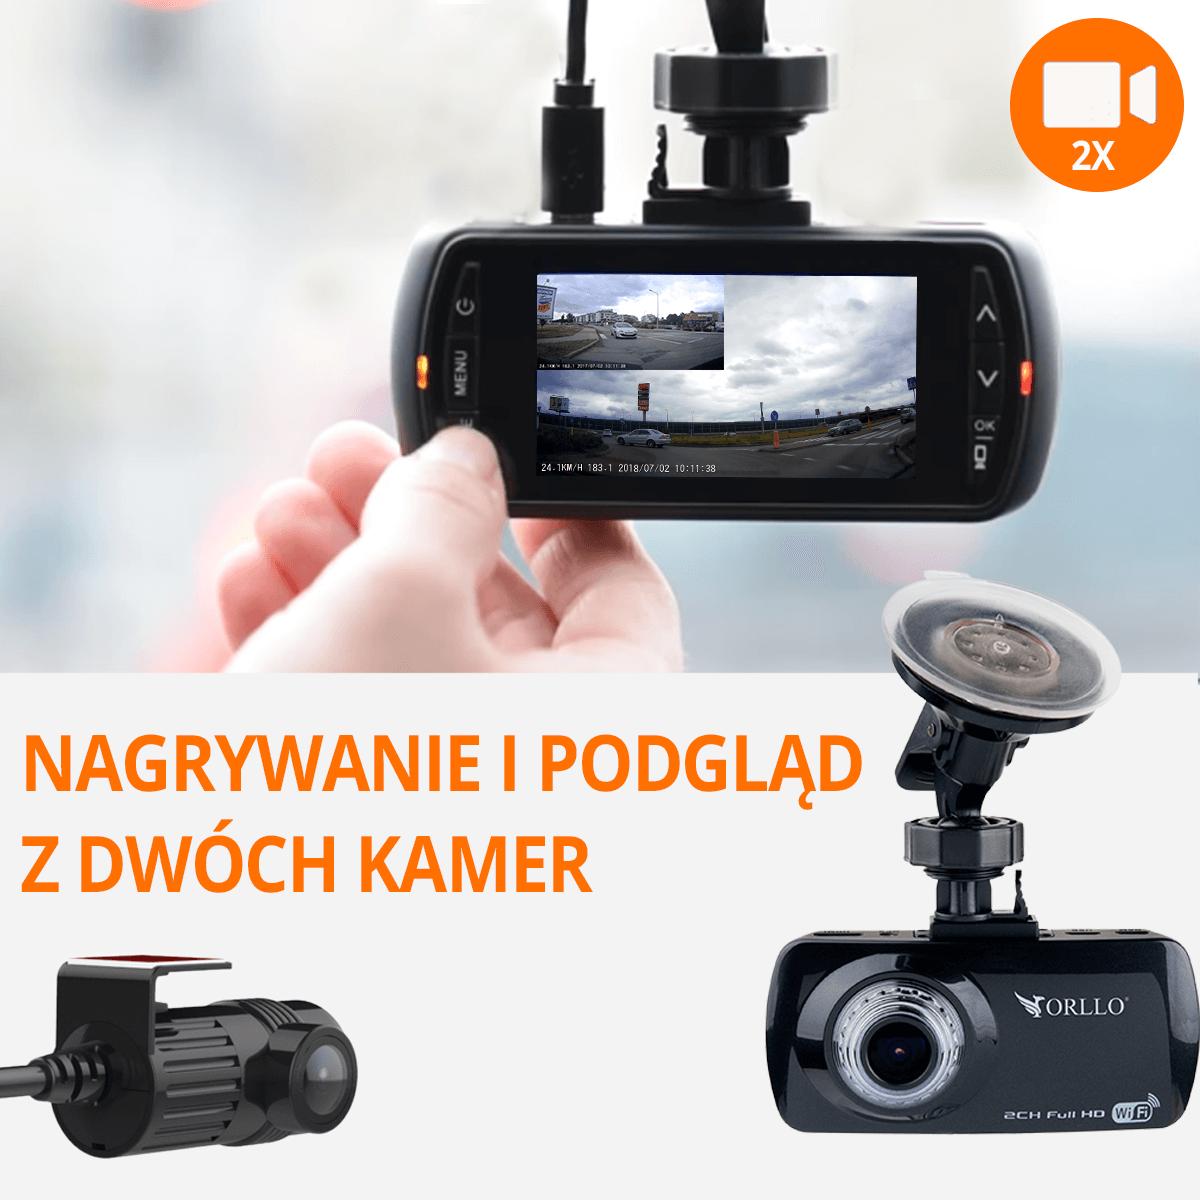 kamera-samochodowa-nagrywanie-dwie-kamery-orllo-pl